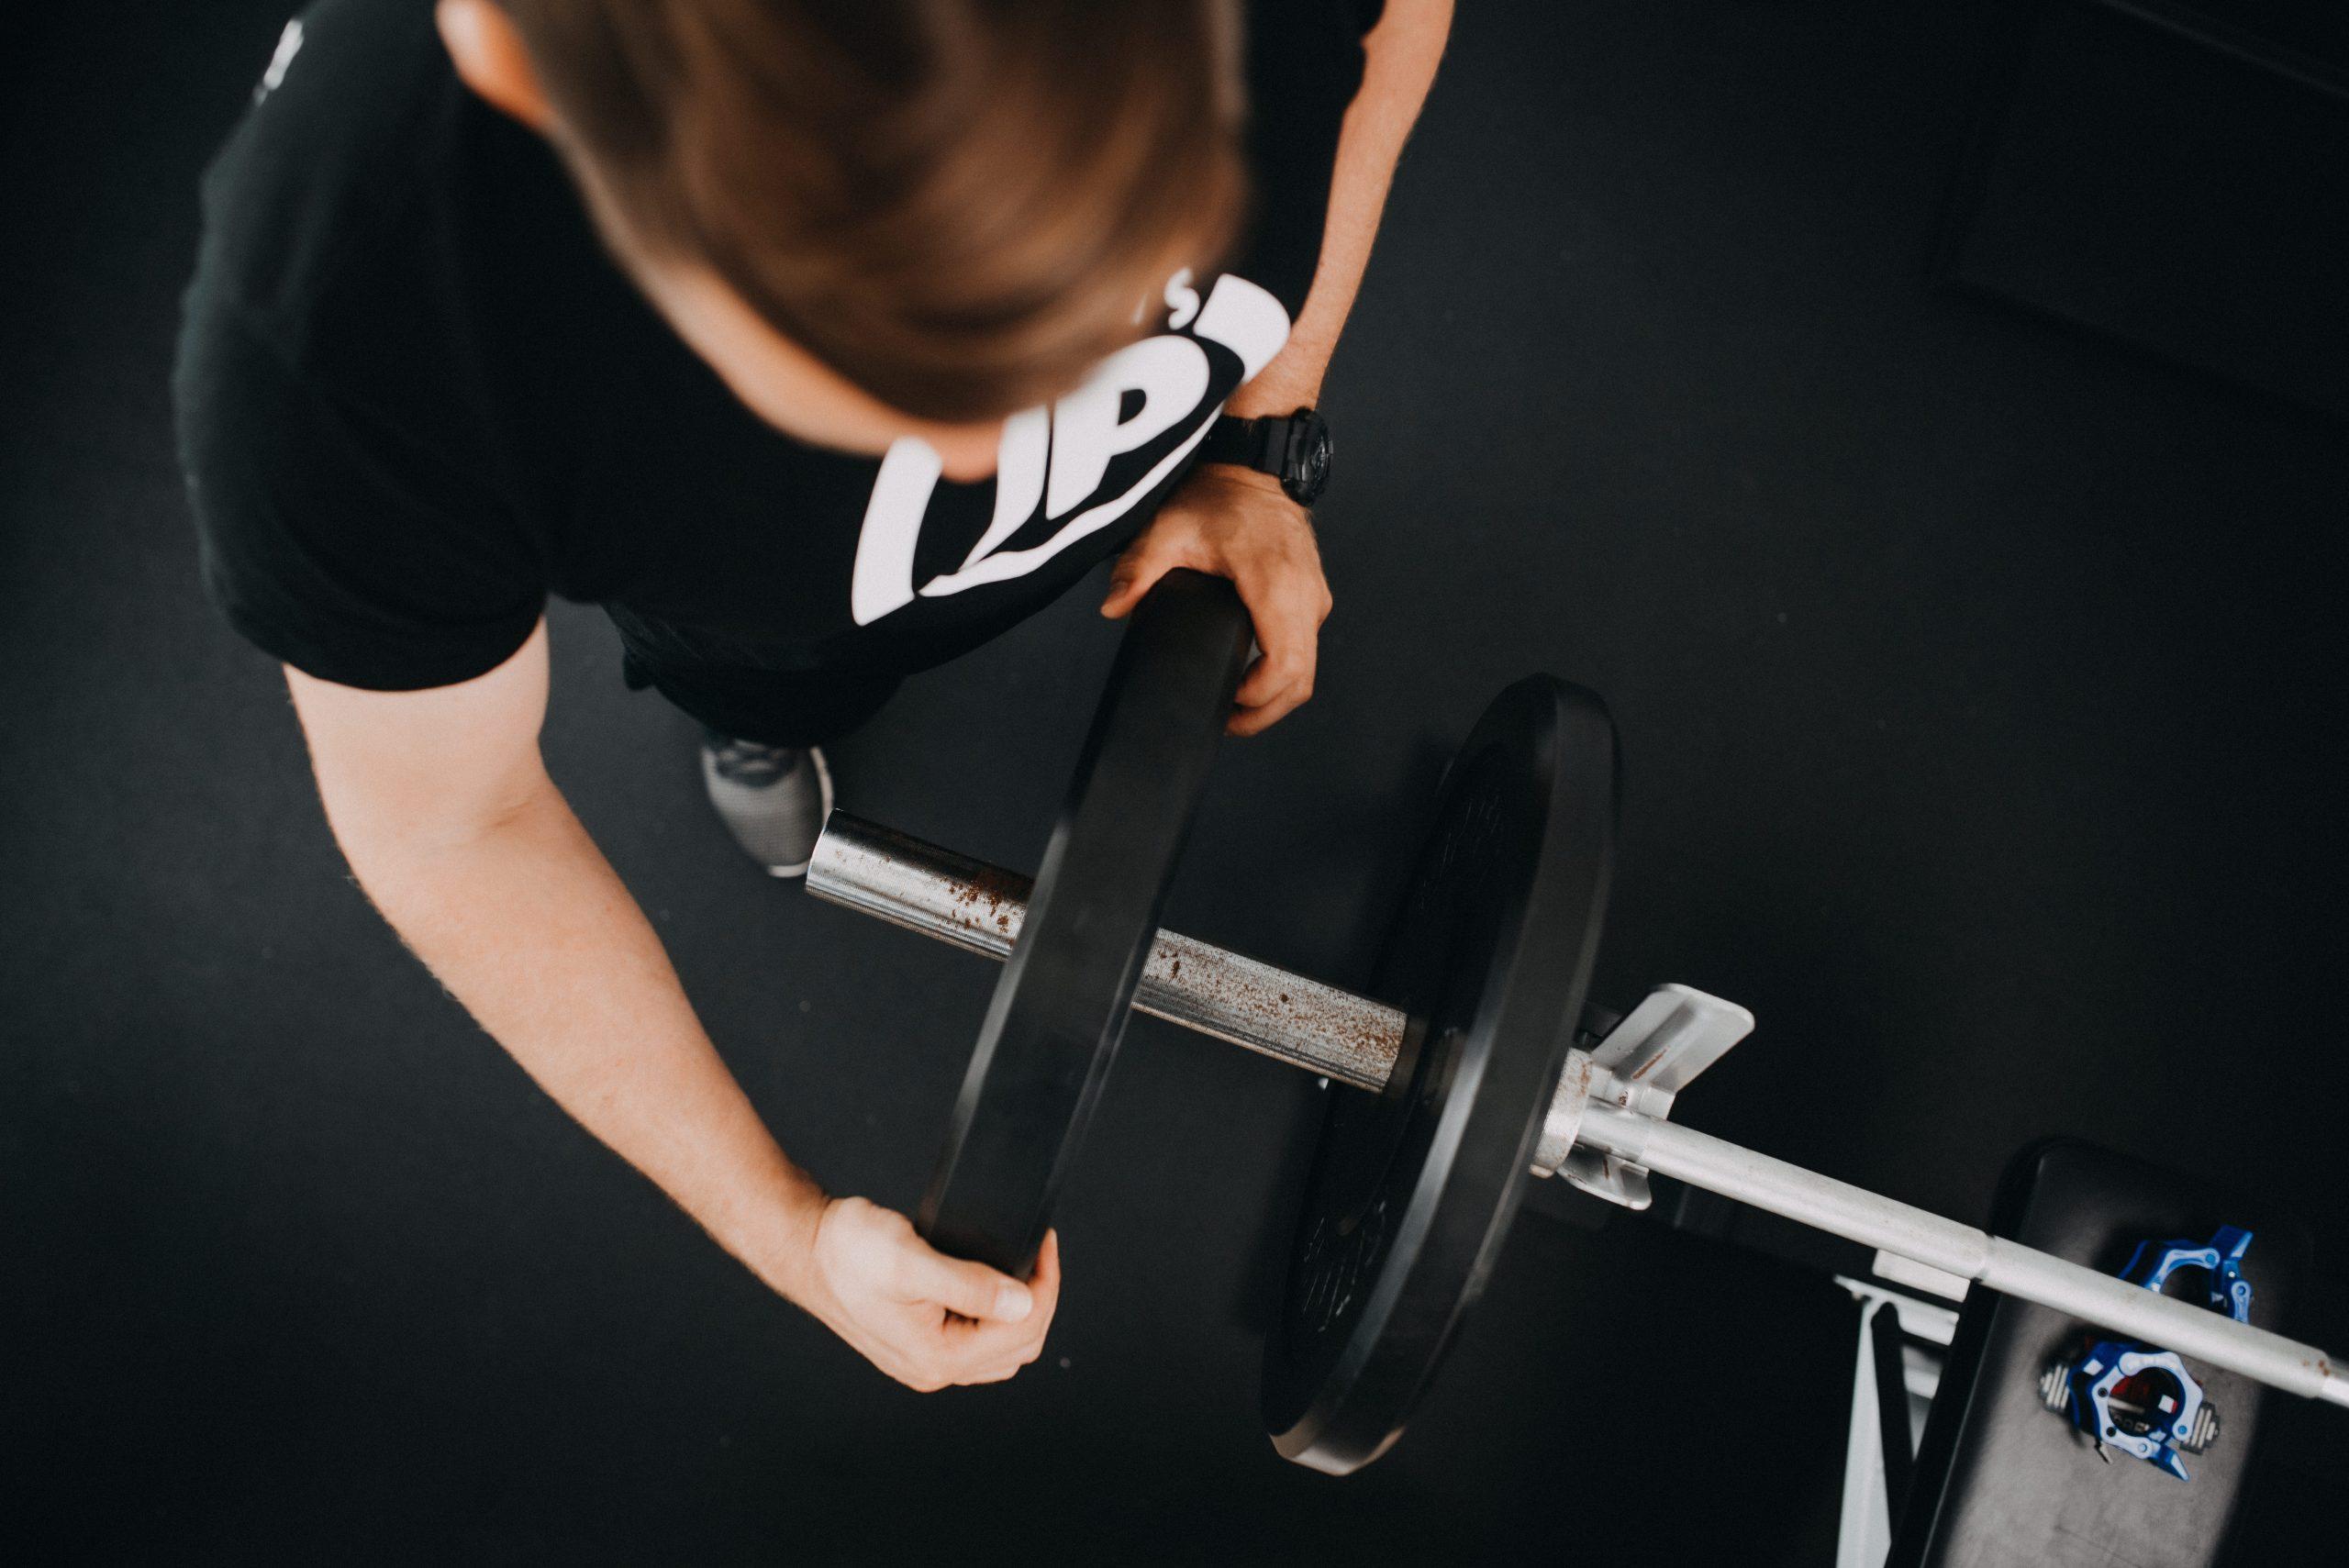 Mann schiebt Gewichte auf Hantel